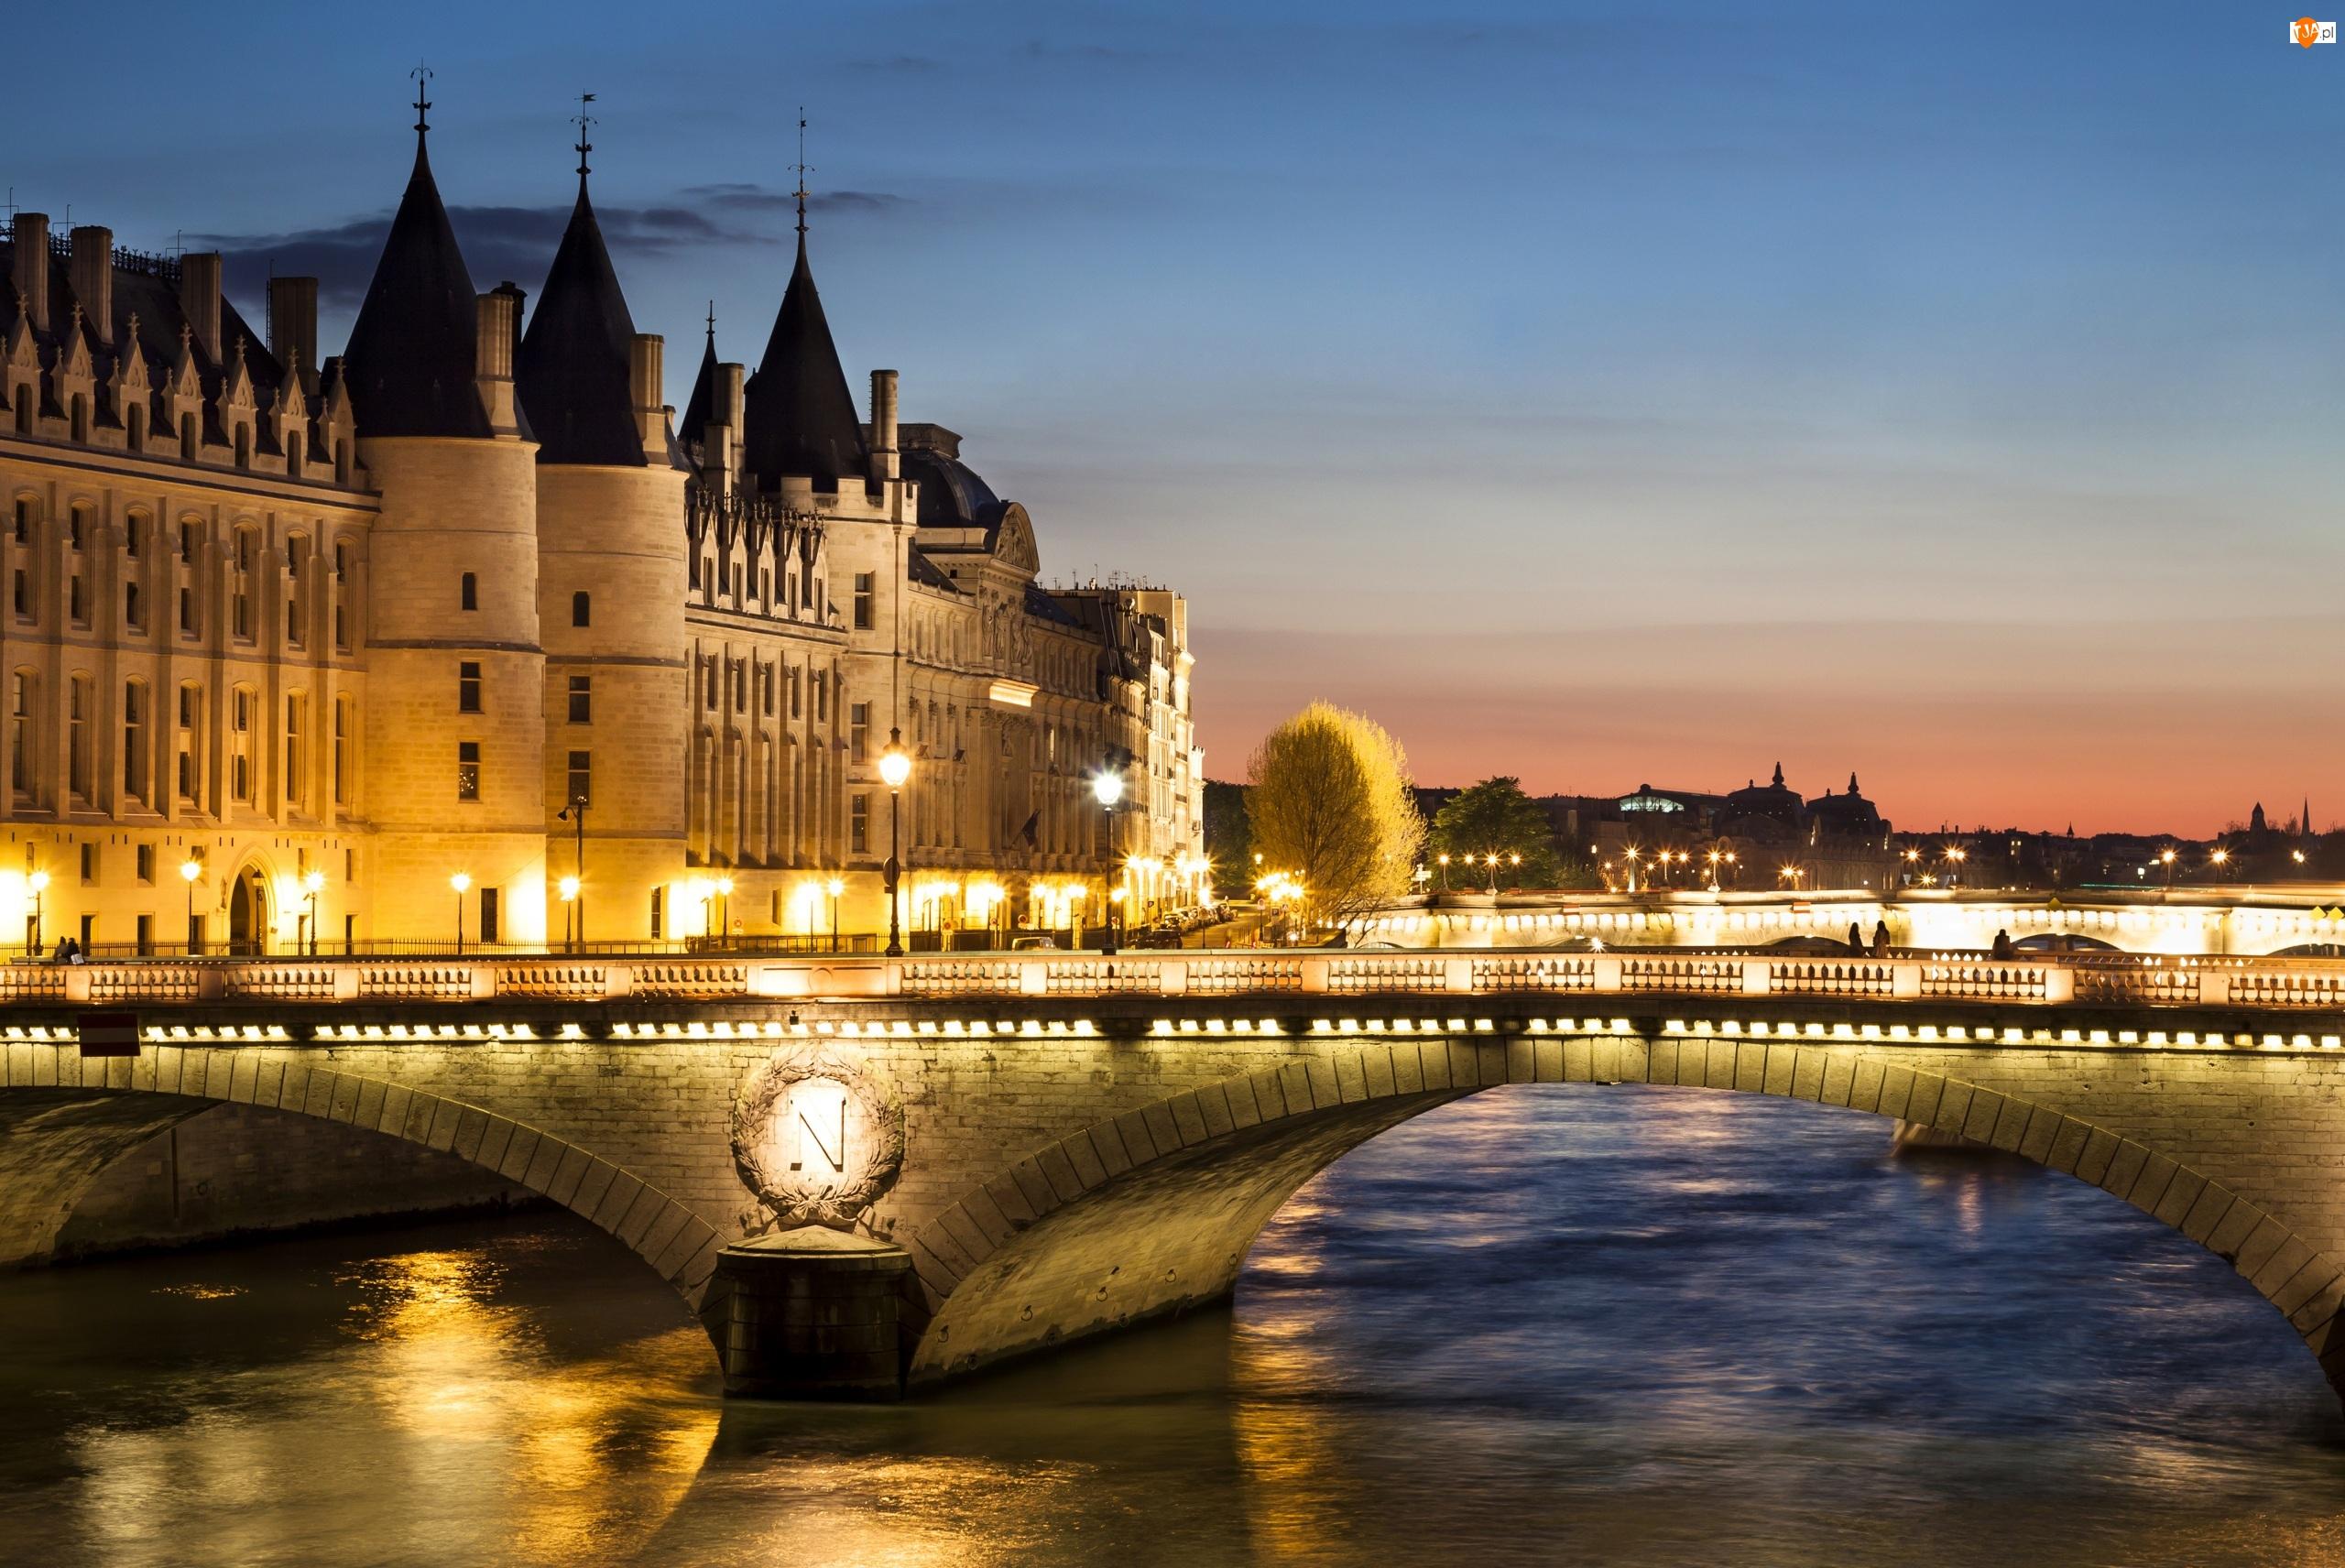 Muzeum Conciergerie, Most Wymiany, Paryż, Francja, Budynki, Rzeka Sekwana, Światła